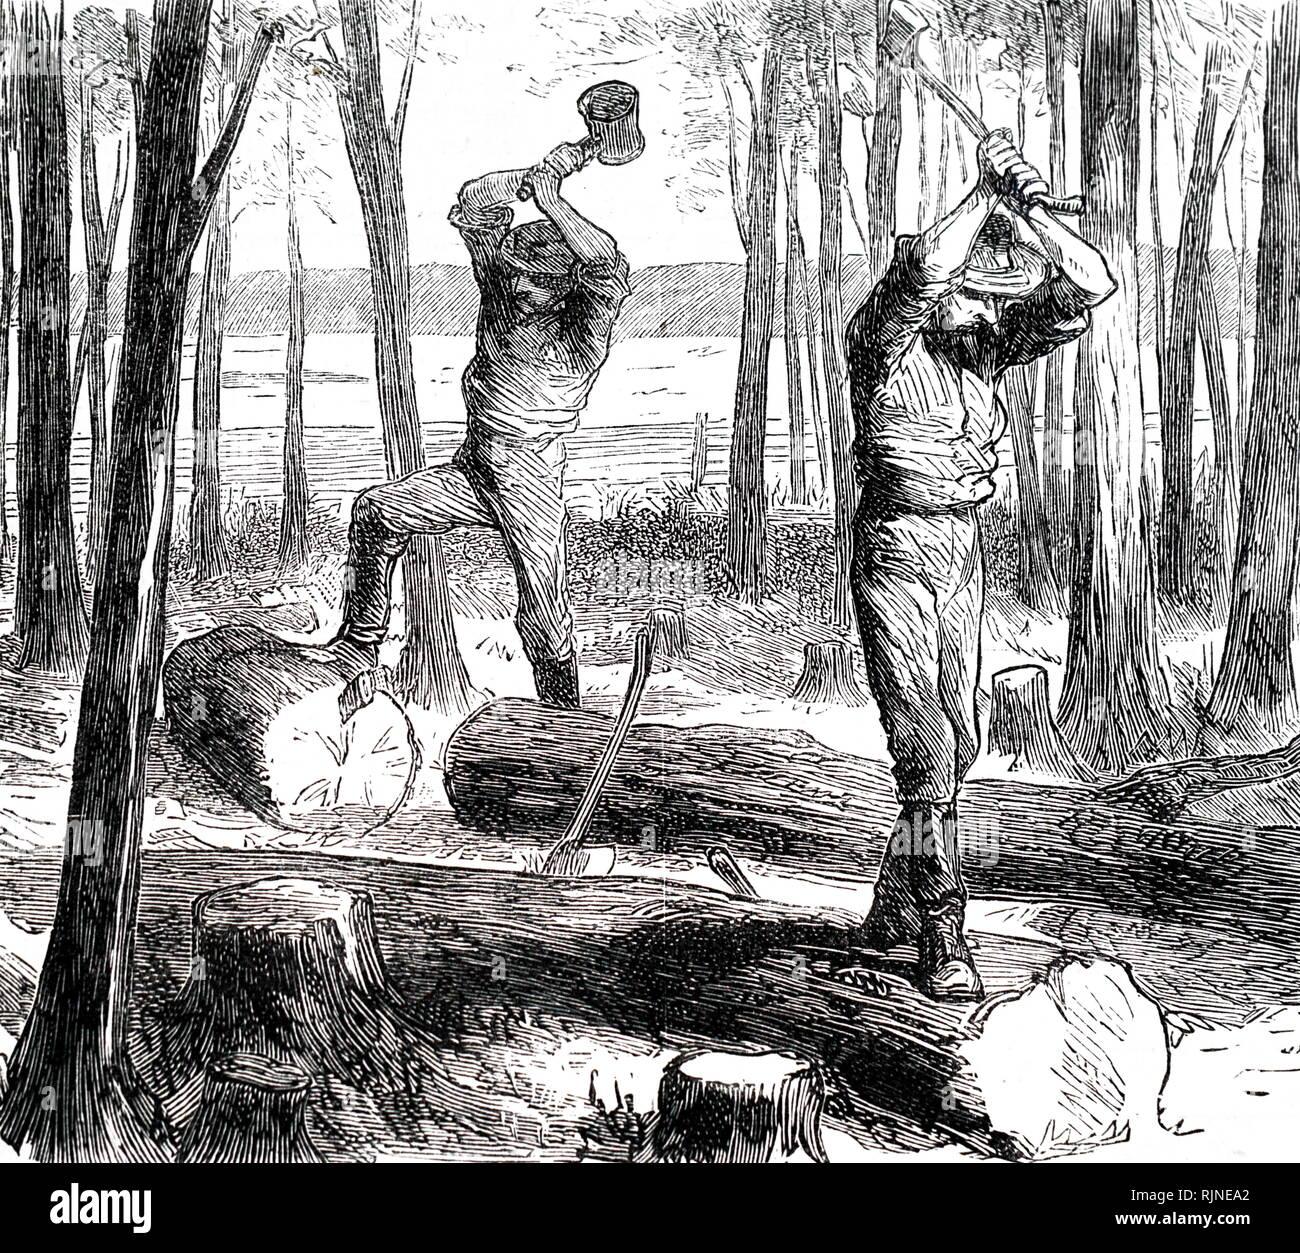 Un grabado que representa la división de árboles en raíles para esgrima. En Ontario, Canadá. Imagen De Stock